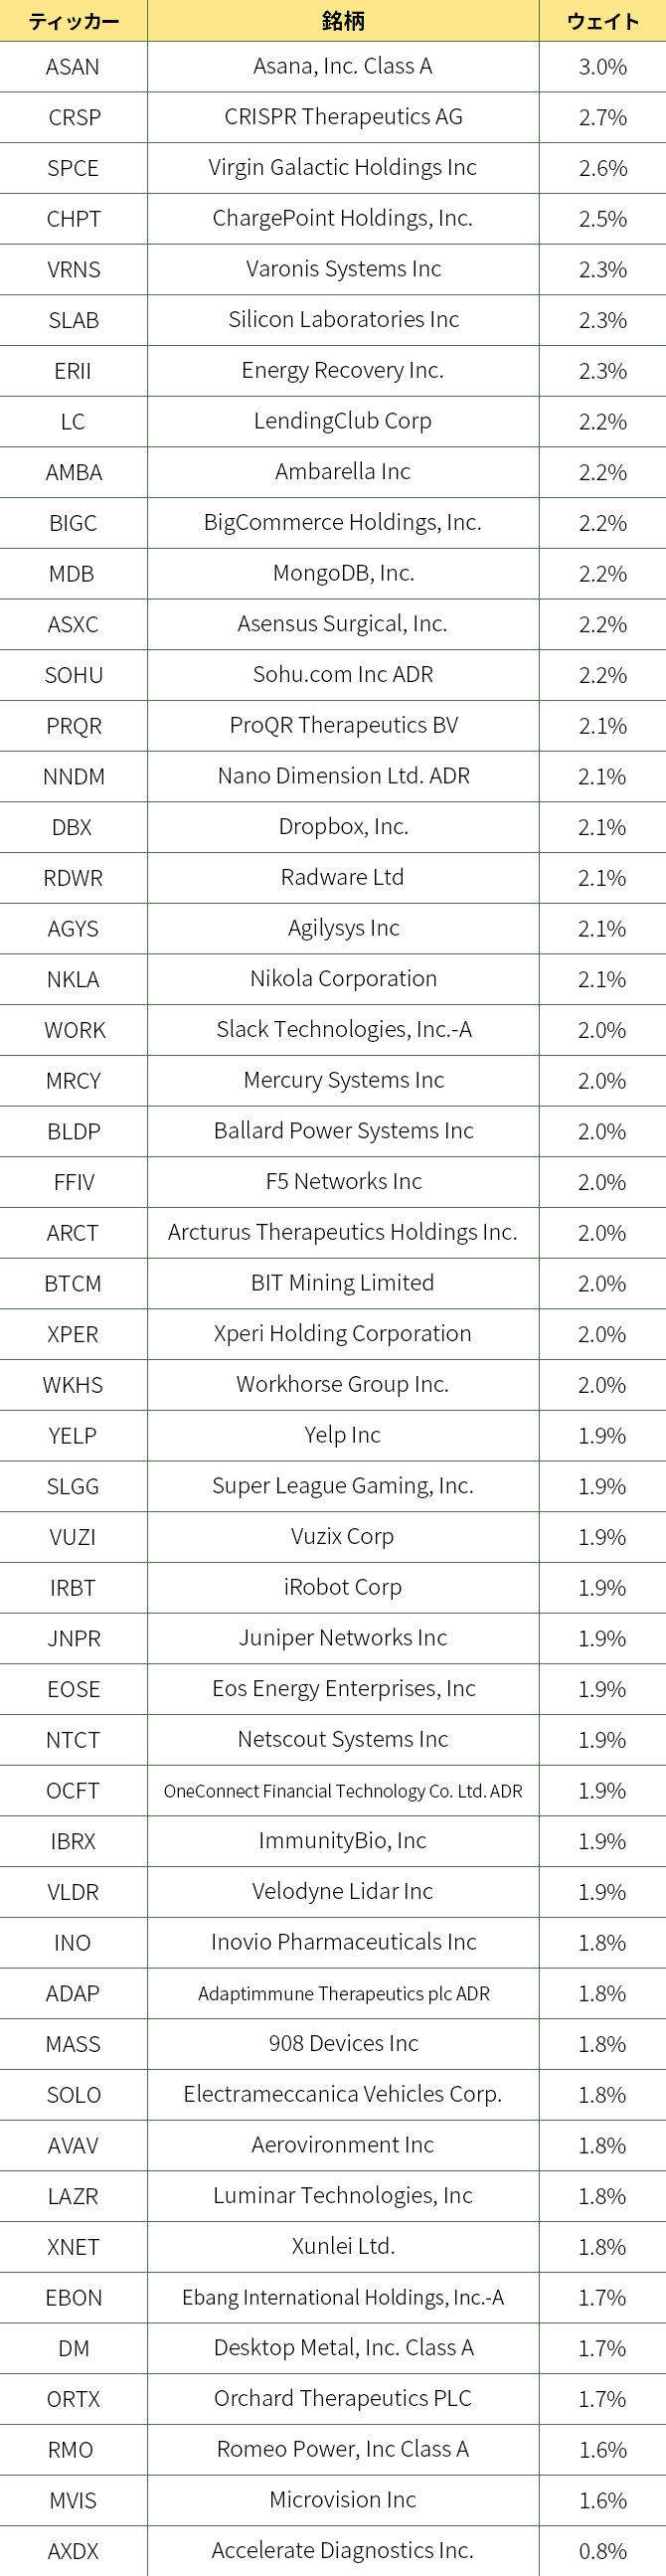 「ムーンショット指数」を構成する全銘柄一覧